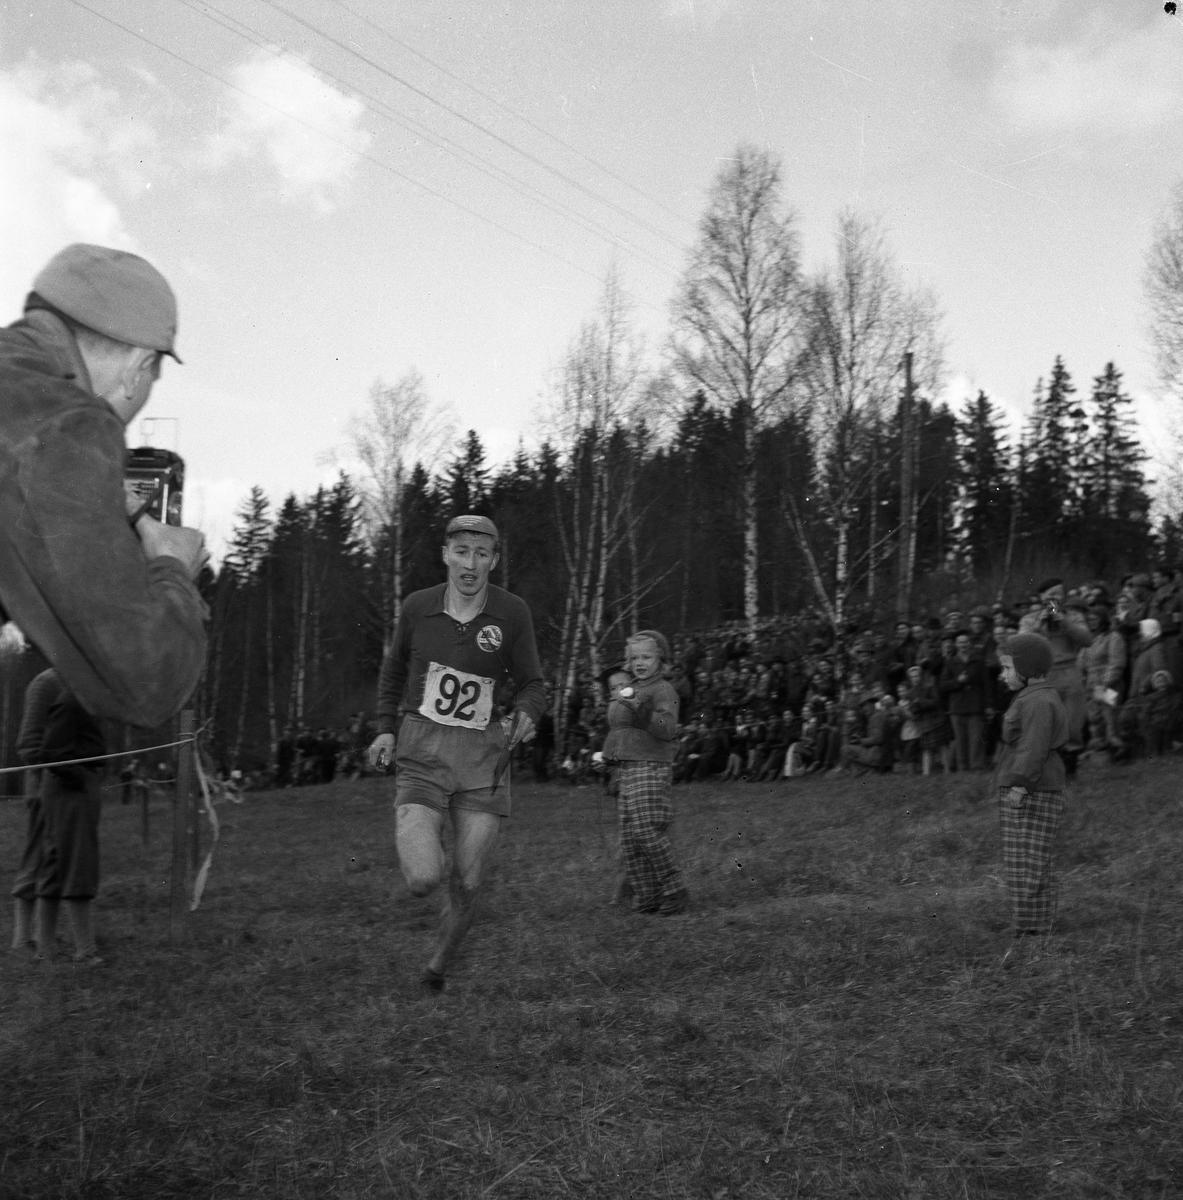 """Orienterare, publik och fotograf. Arboga Orienteringsklubb vann tiomilaorienteringen i april 1953.  Start: Malmköping. Mål: Bränninge, Södertälje.  Bilder, från detta tillfälle, finns i Reinhold Carlssons bok """"Arboga objektivt sett""""."""